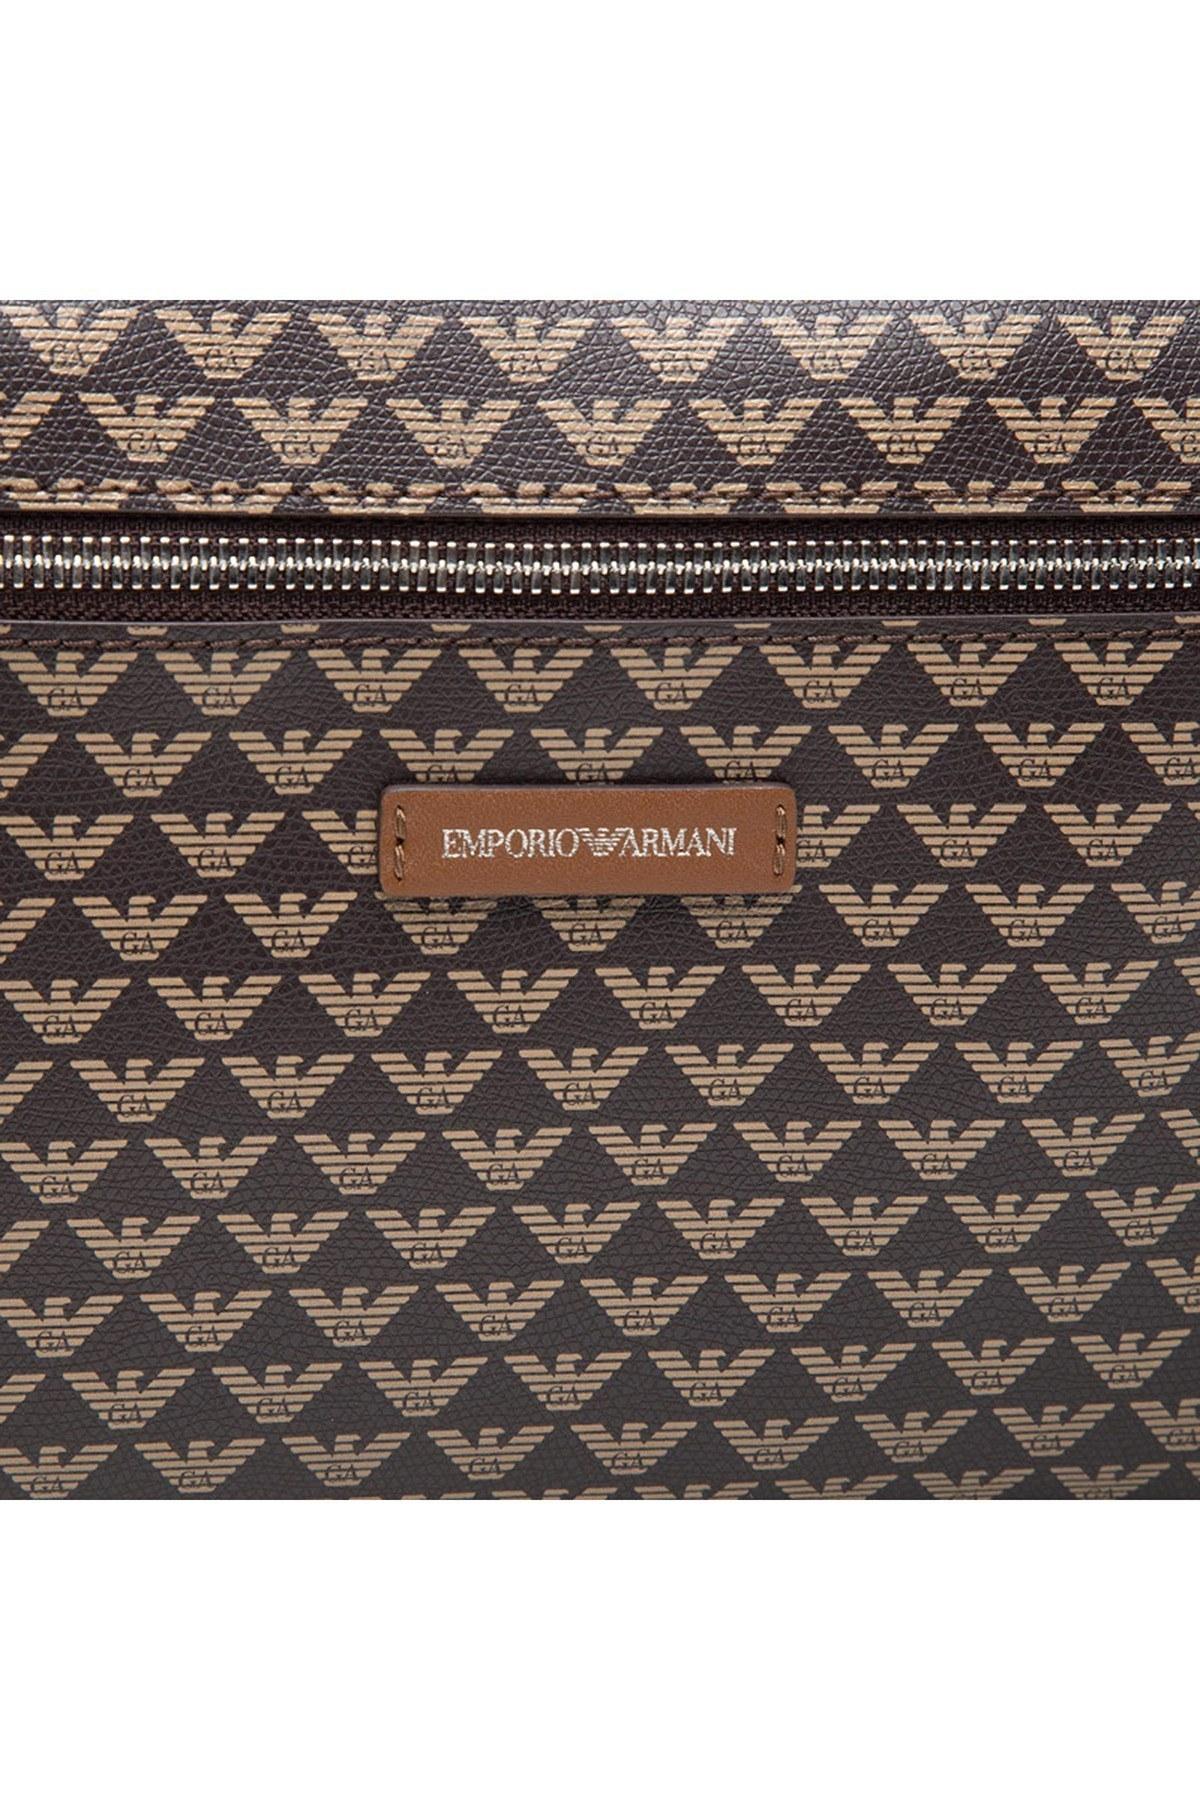 Emporio Armani Logo Baskılı Ayarlanabilir Askılı Bayan Çanta Y3L105 YFG5E 85172 KAHVE-TABA